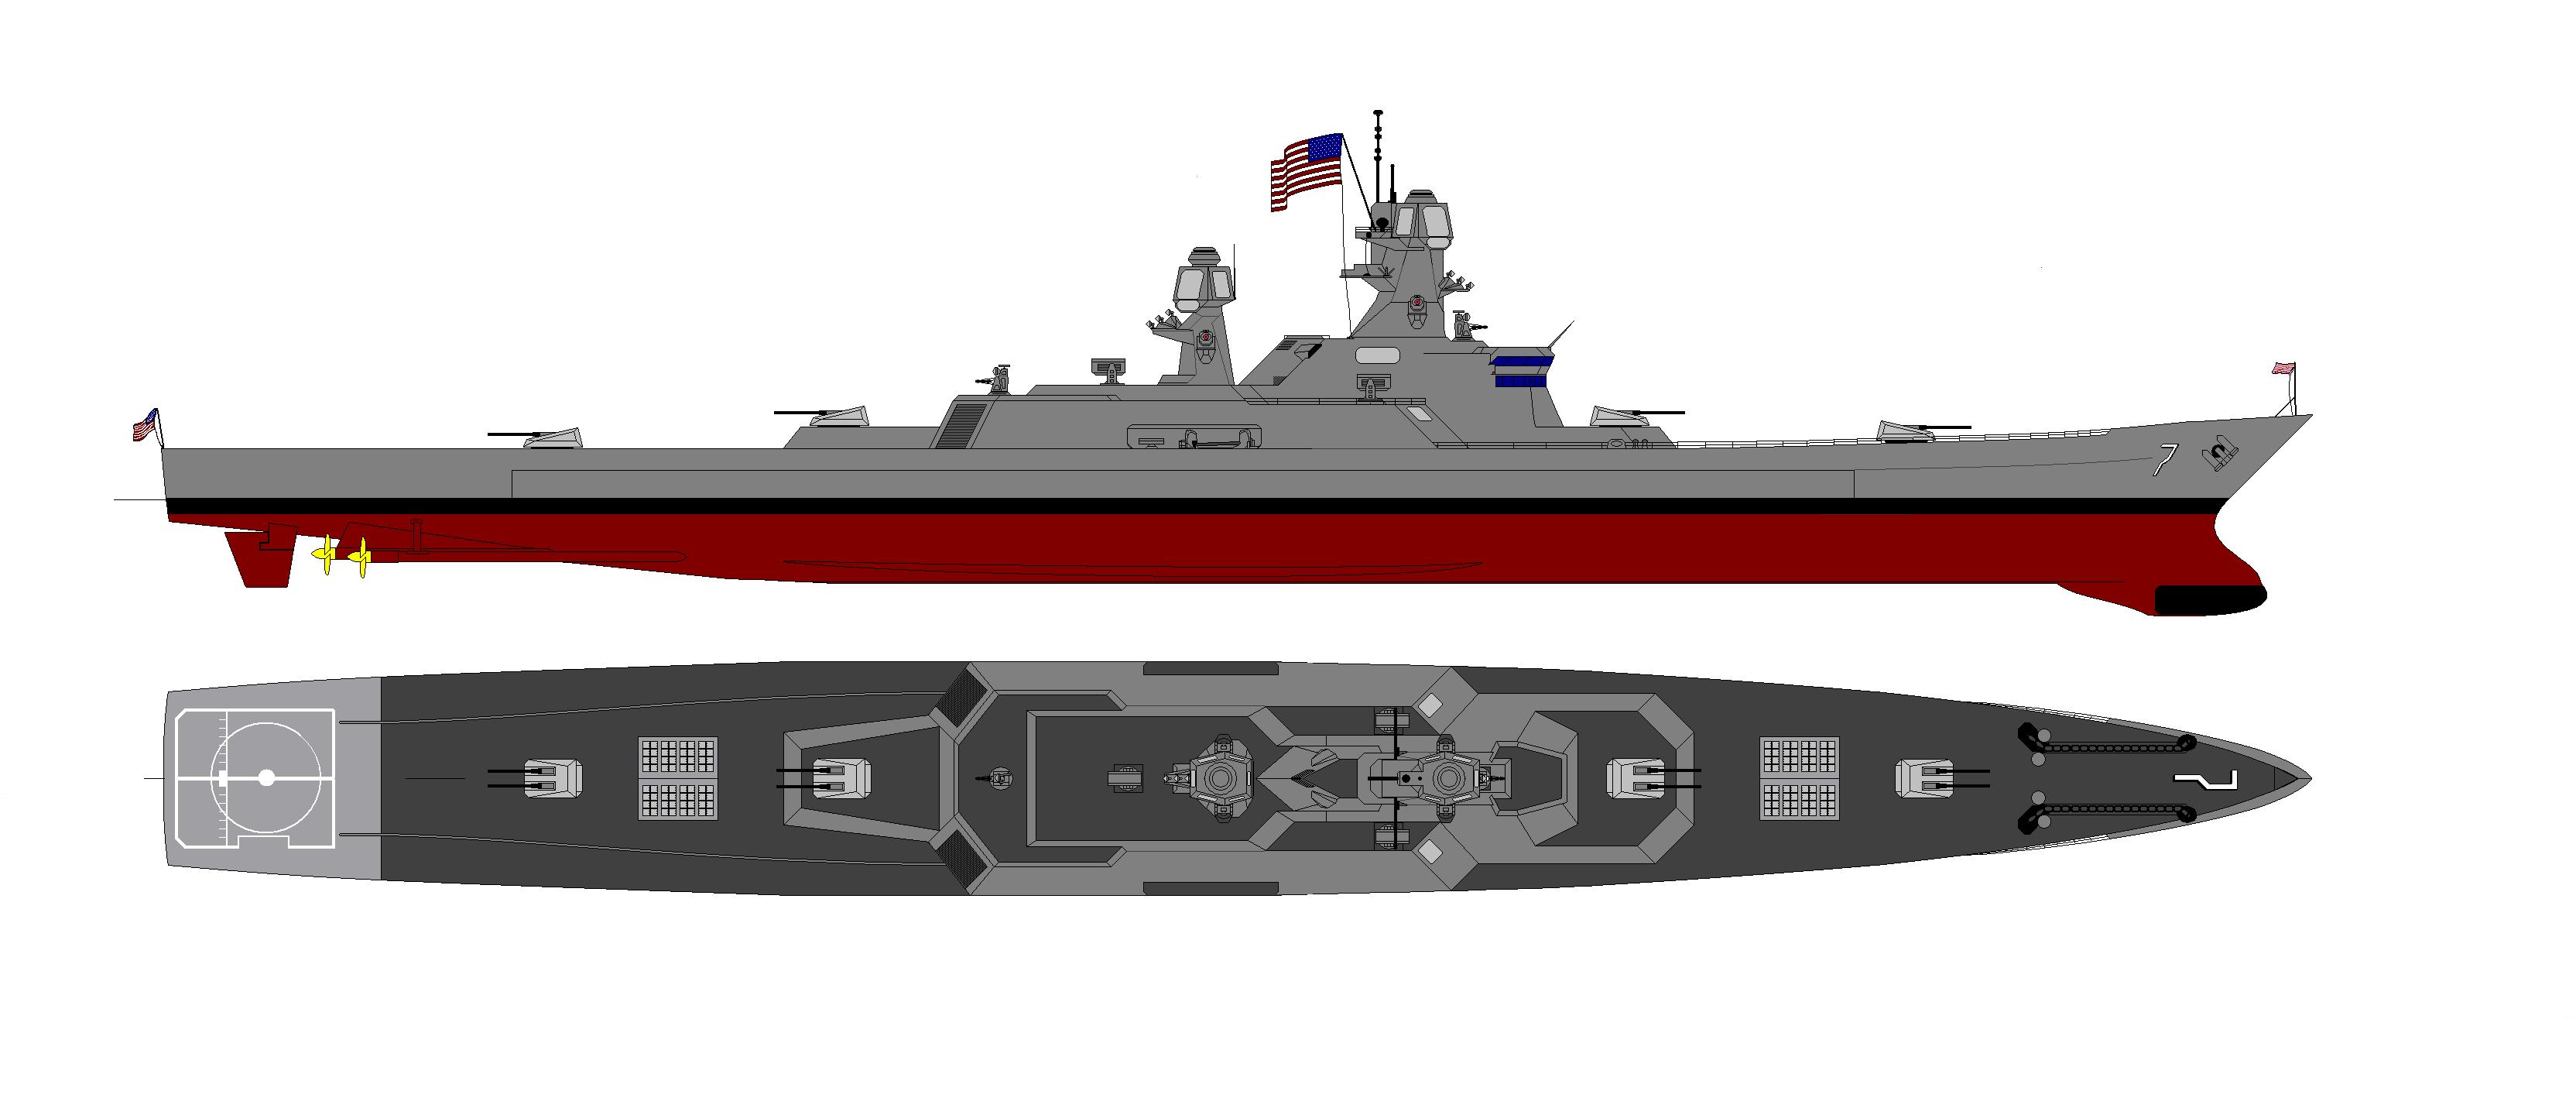 Battlecruiser | Thread: Is the battlecruiser concept ... Modern Us Battleship Design